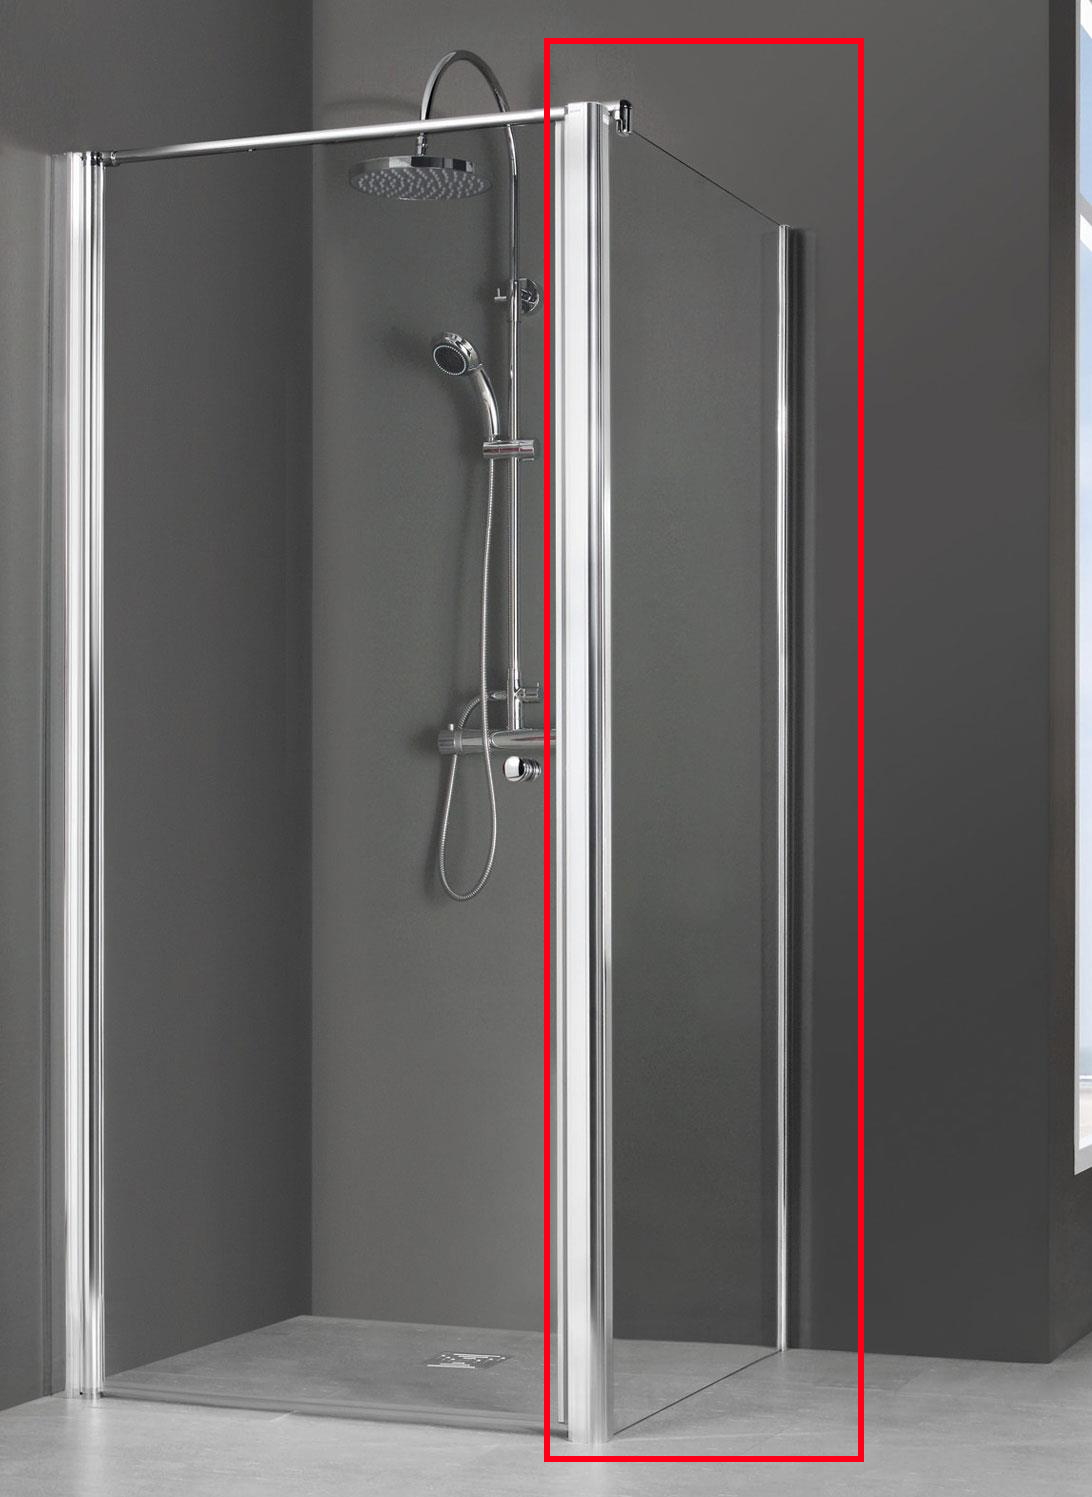 Full Size of Breuer Dusche Quick 72 Elena 6 Nur Seitenwand Ohne Drehtr 900 Mm Duschen Kaufen Sprinz Begehbare Schulte Werksverkauf Moderne Hüppe Bodengleiche Hsk Dusche Breuer Duschen